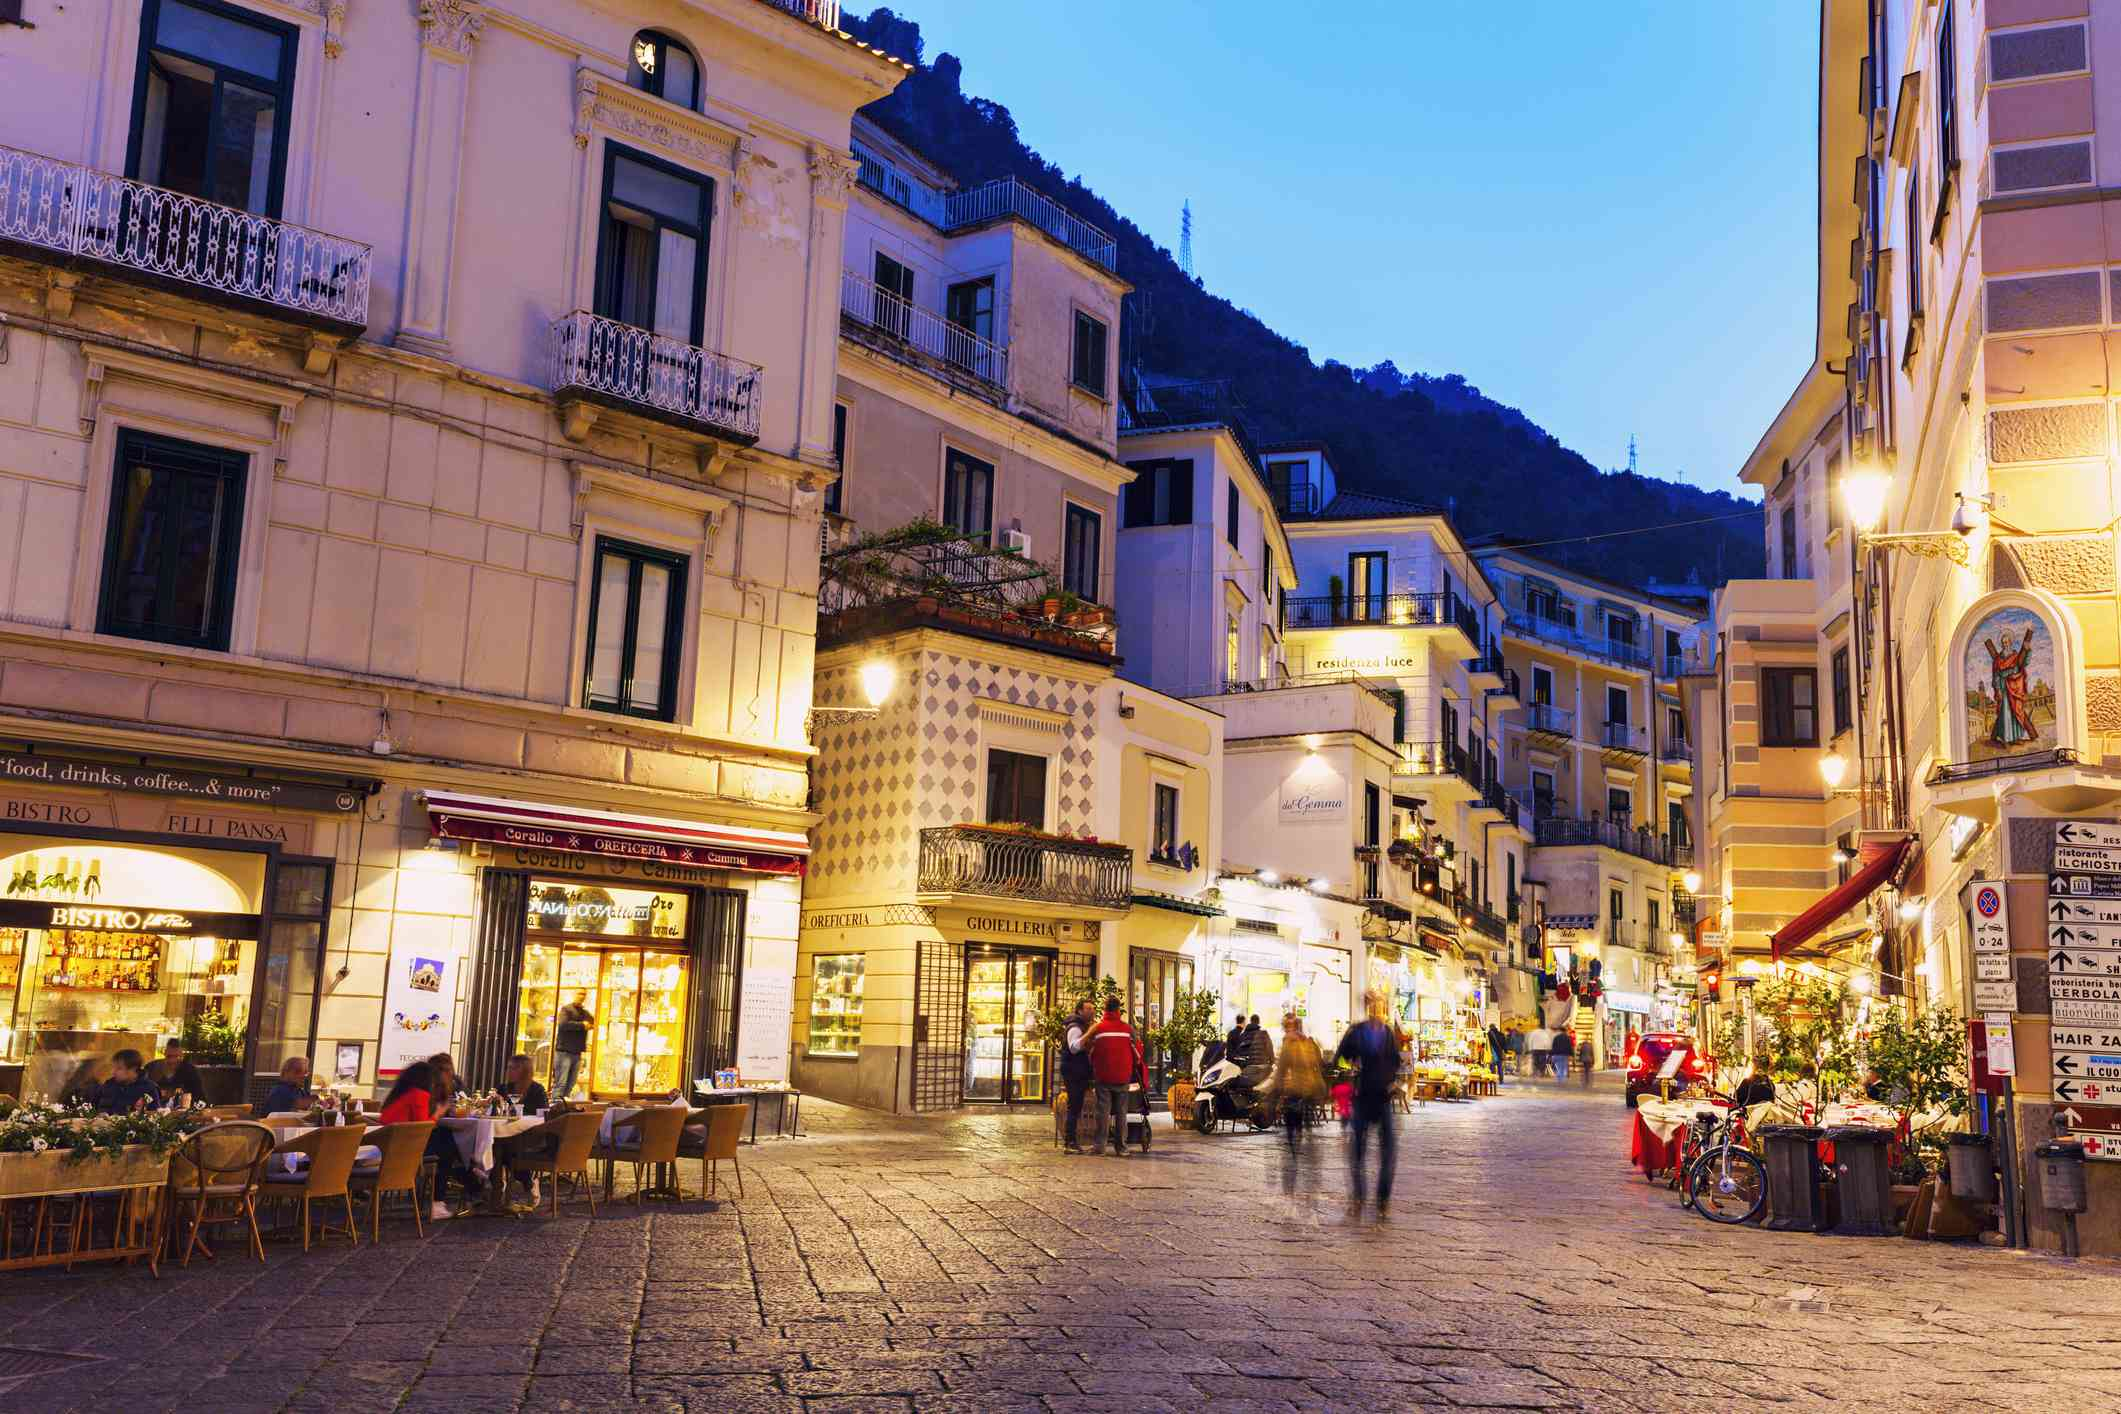 Tiendas y restaurantes en el centro de Amalfi